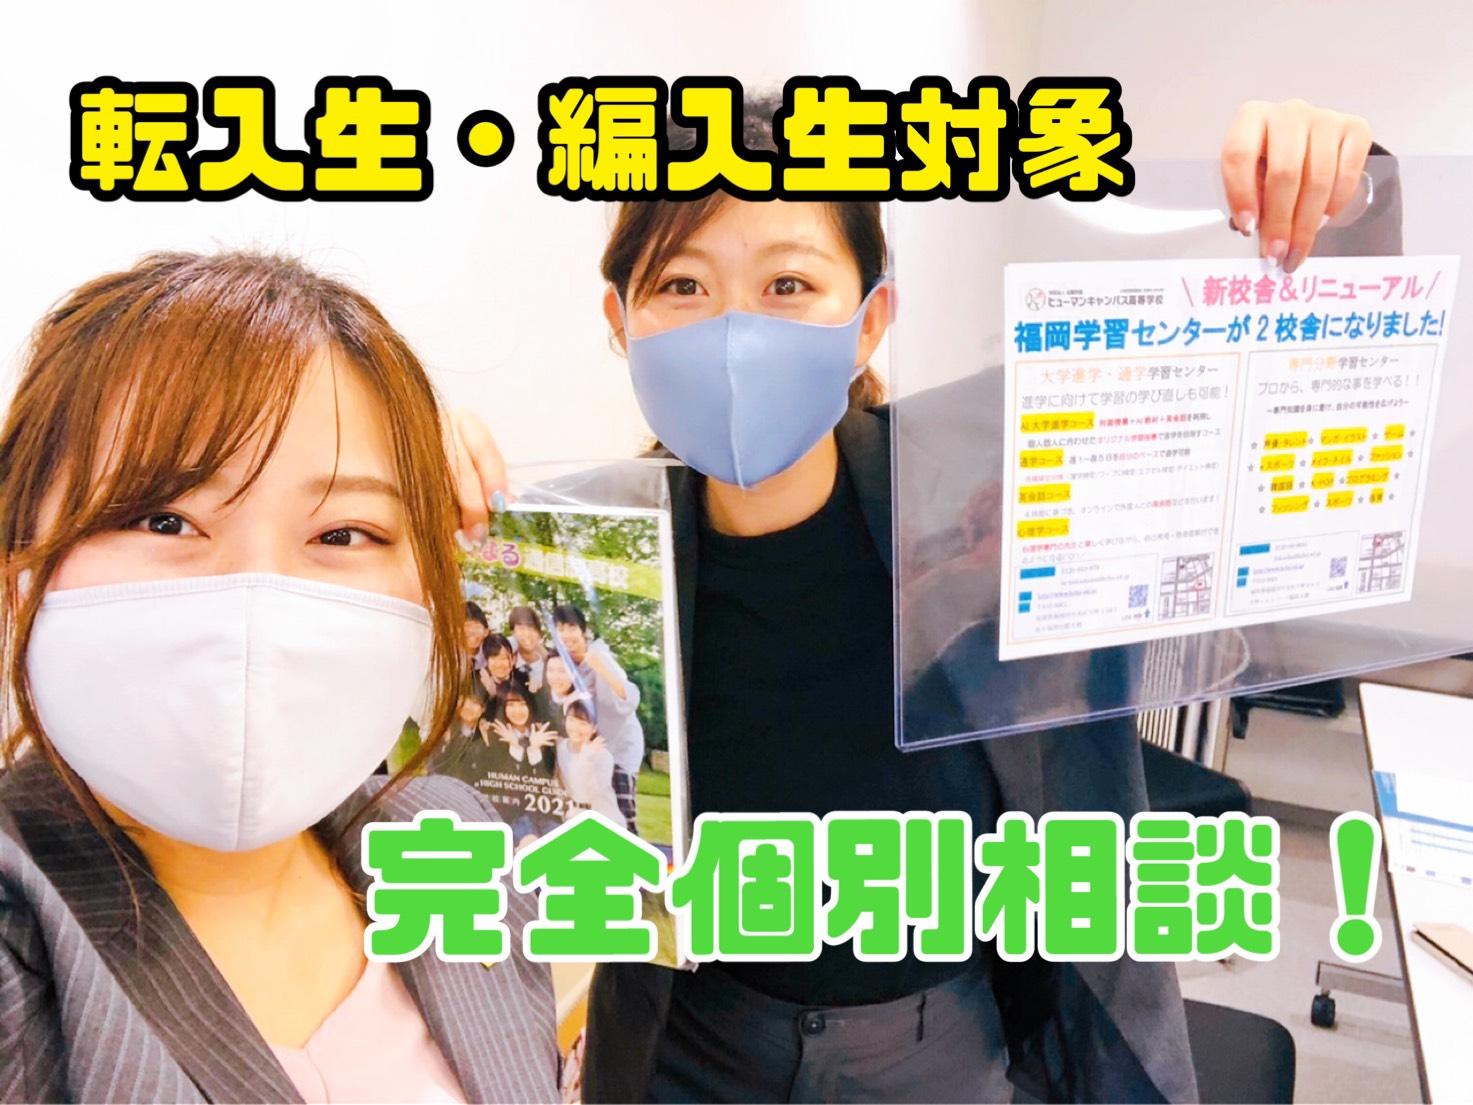 【福岡】5/19(水) <転入生向け>完全個別会!オンラインも可能♪♪